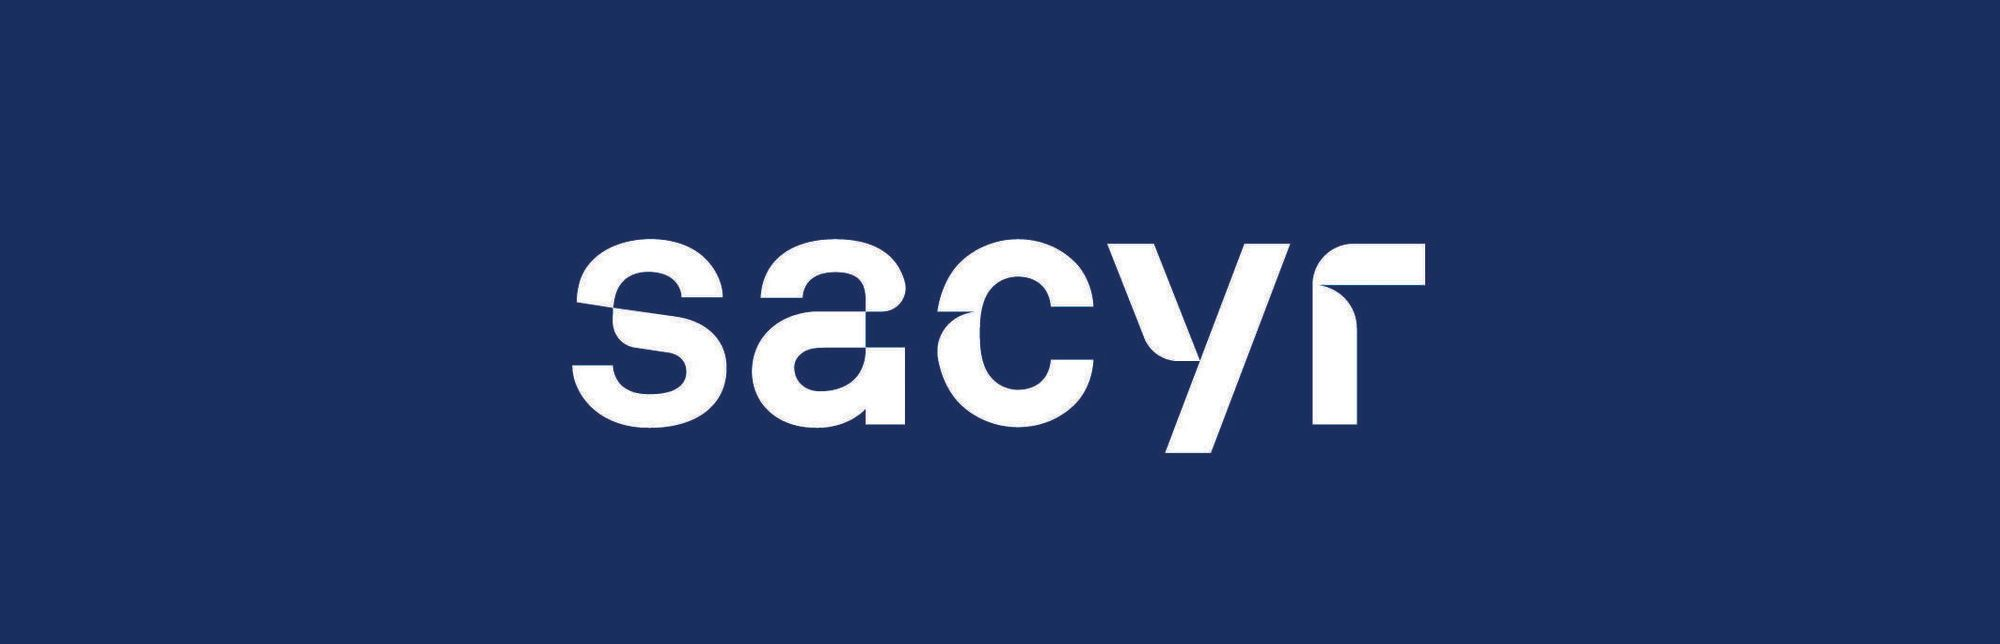 Logo Liga Sacyr Asobal